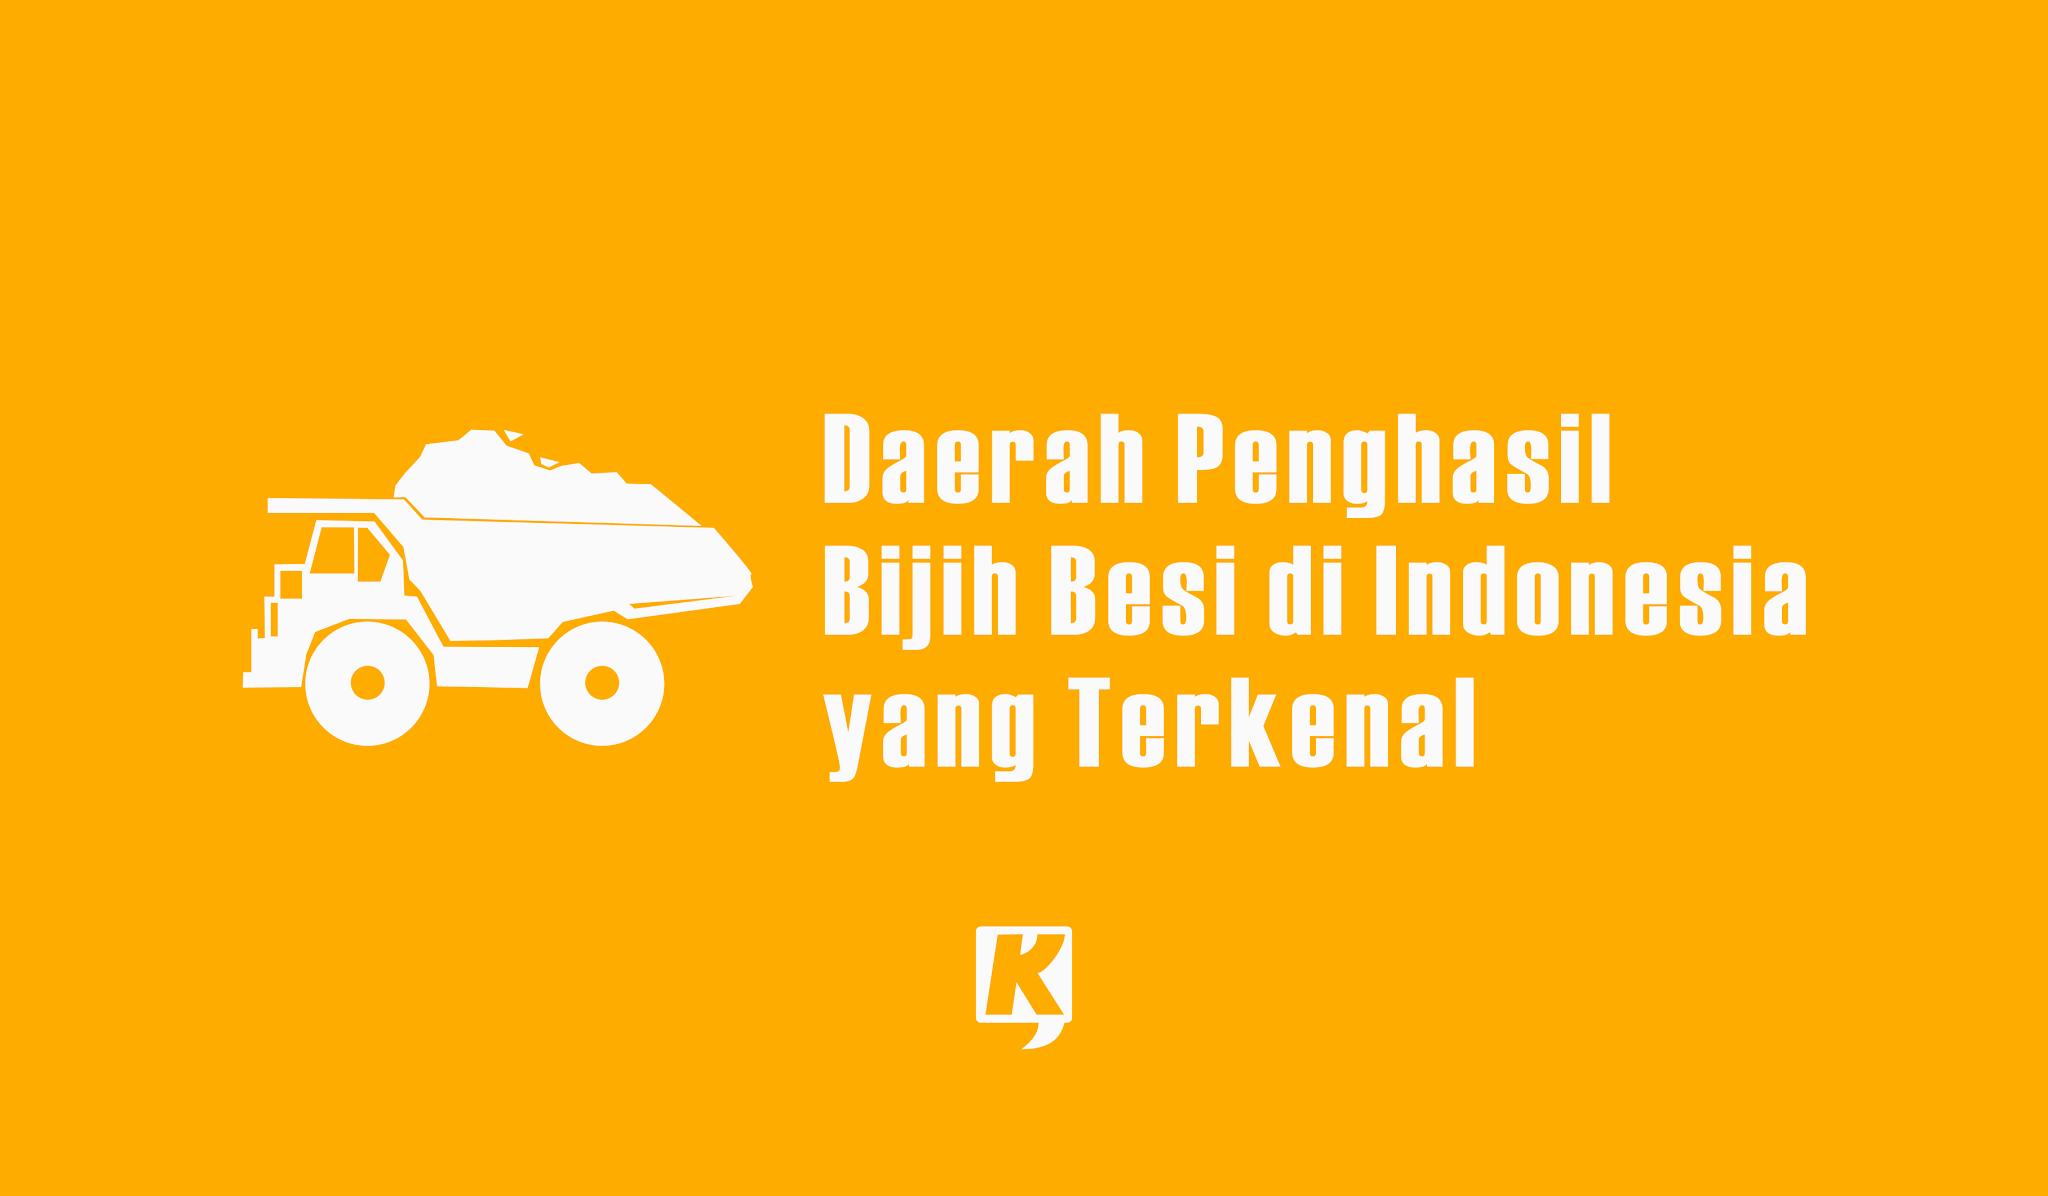 Daerah Penghasil Bijih Besi Terbesar di Indonesia yang Terkenal